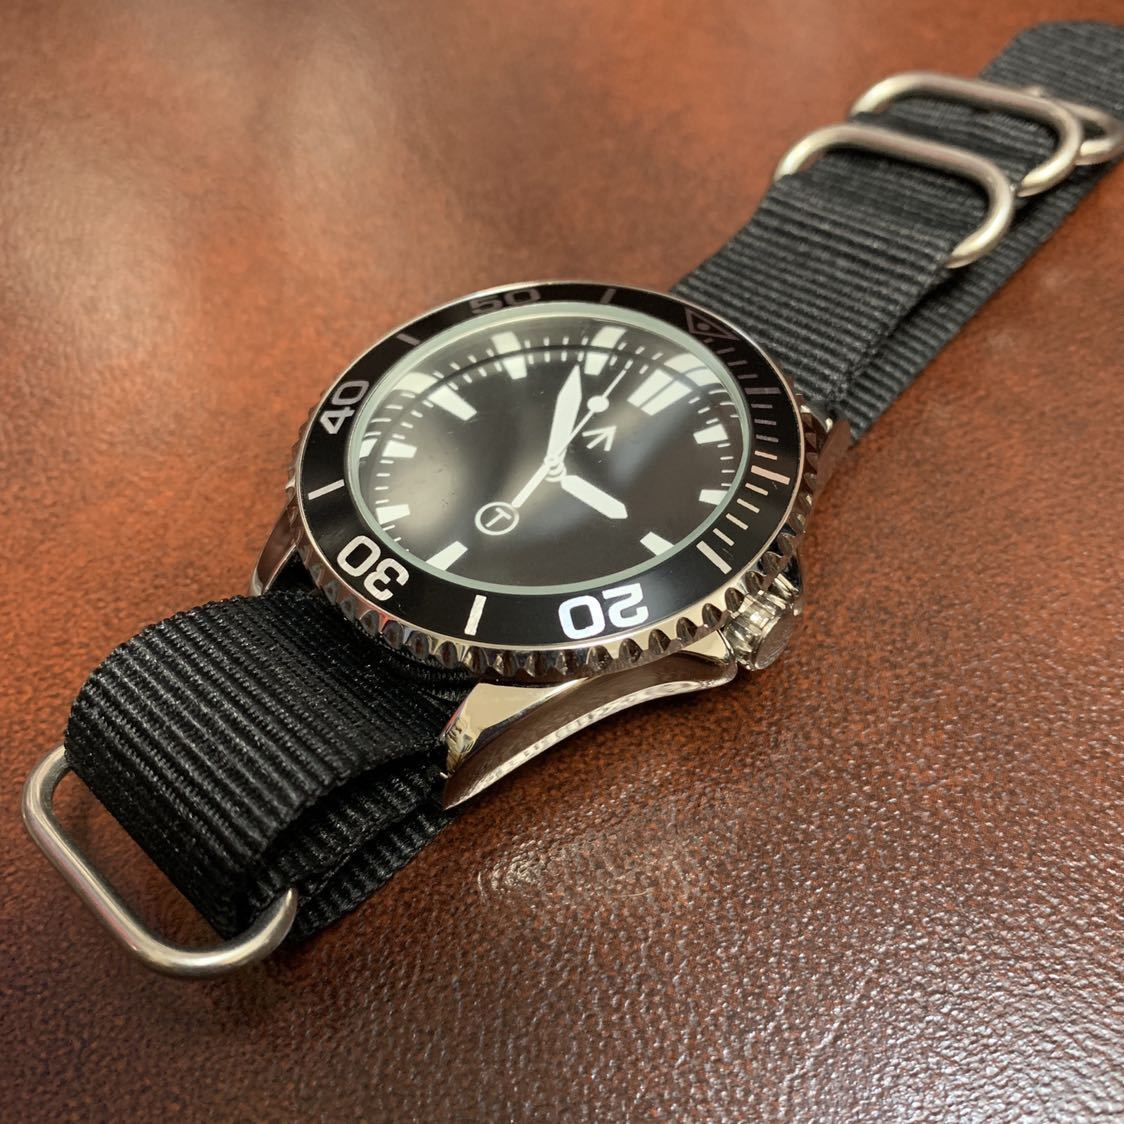 新品 未使用 TIME ARROW WATCH ミリタリー ダイバー クォーツ 腕時計 時計 軍用 オマージュ_画像2